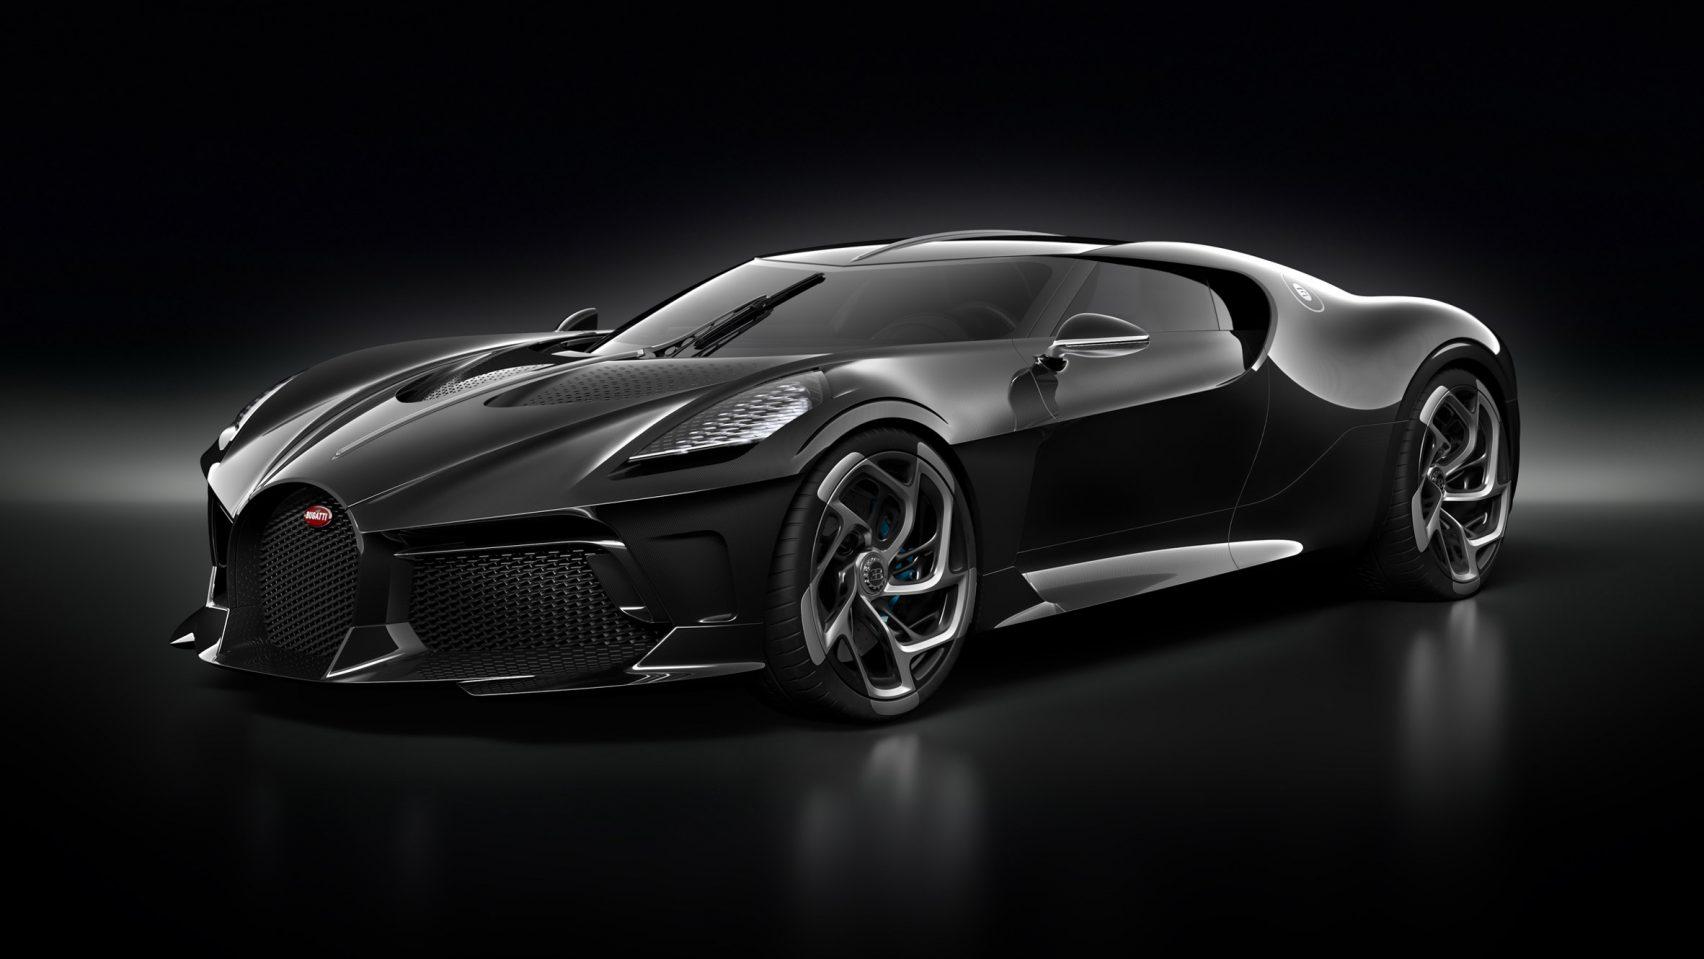 Best Bugatti La Voiture Noire